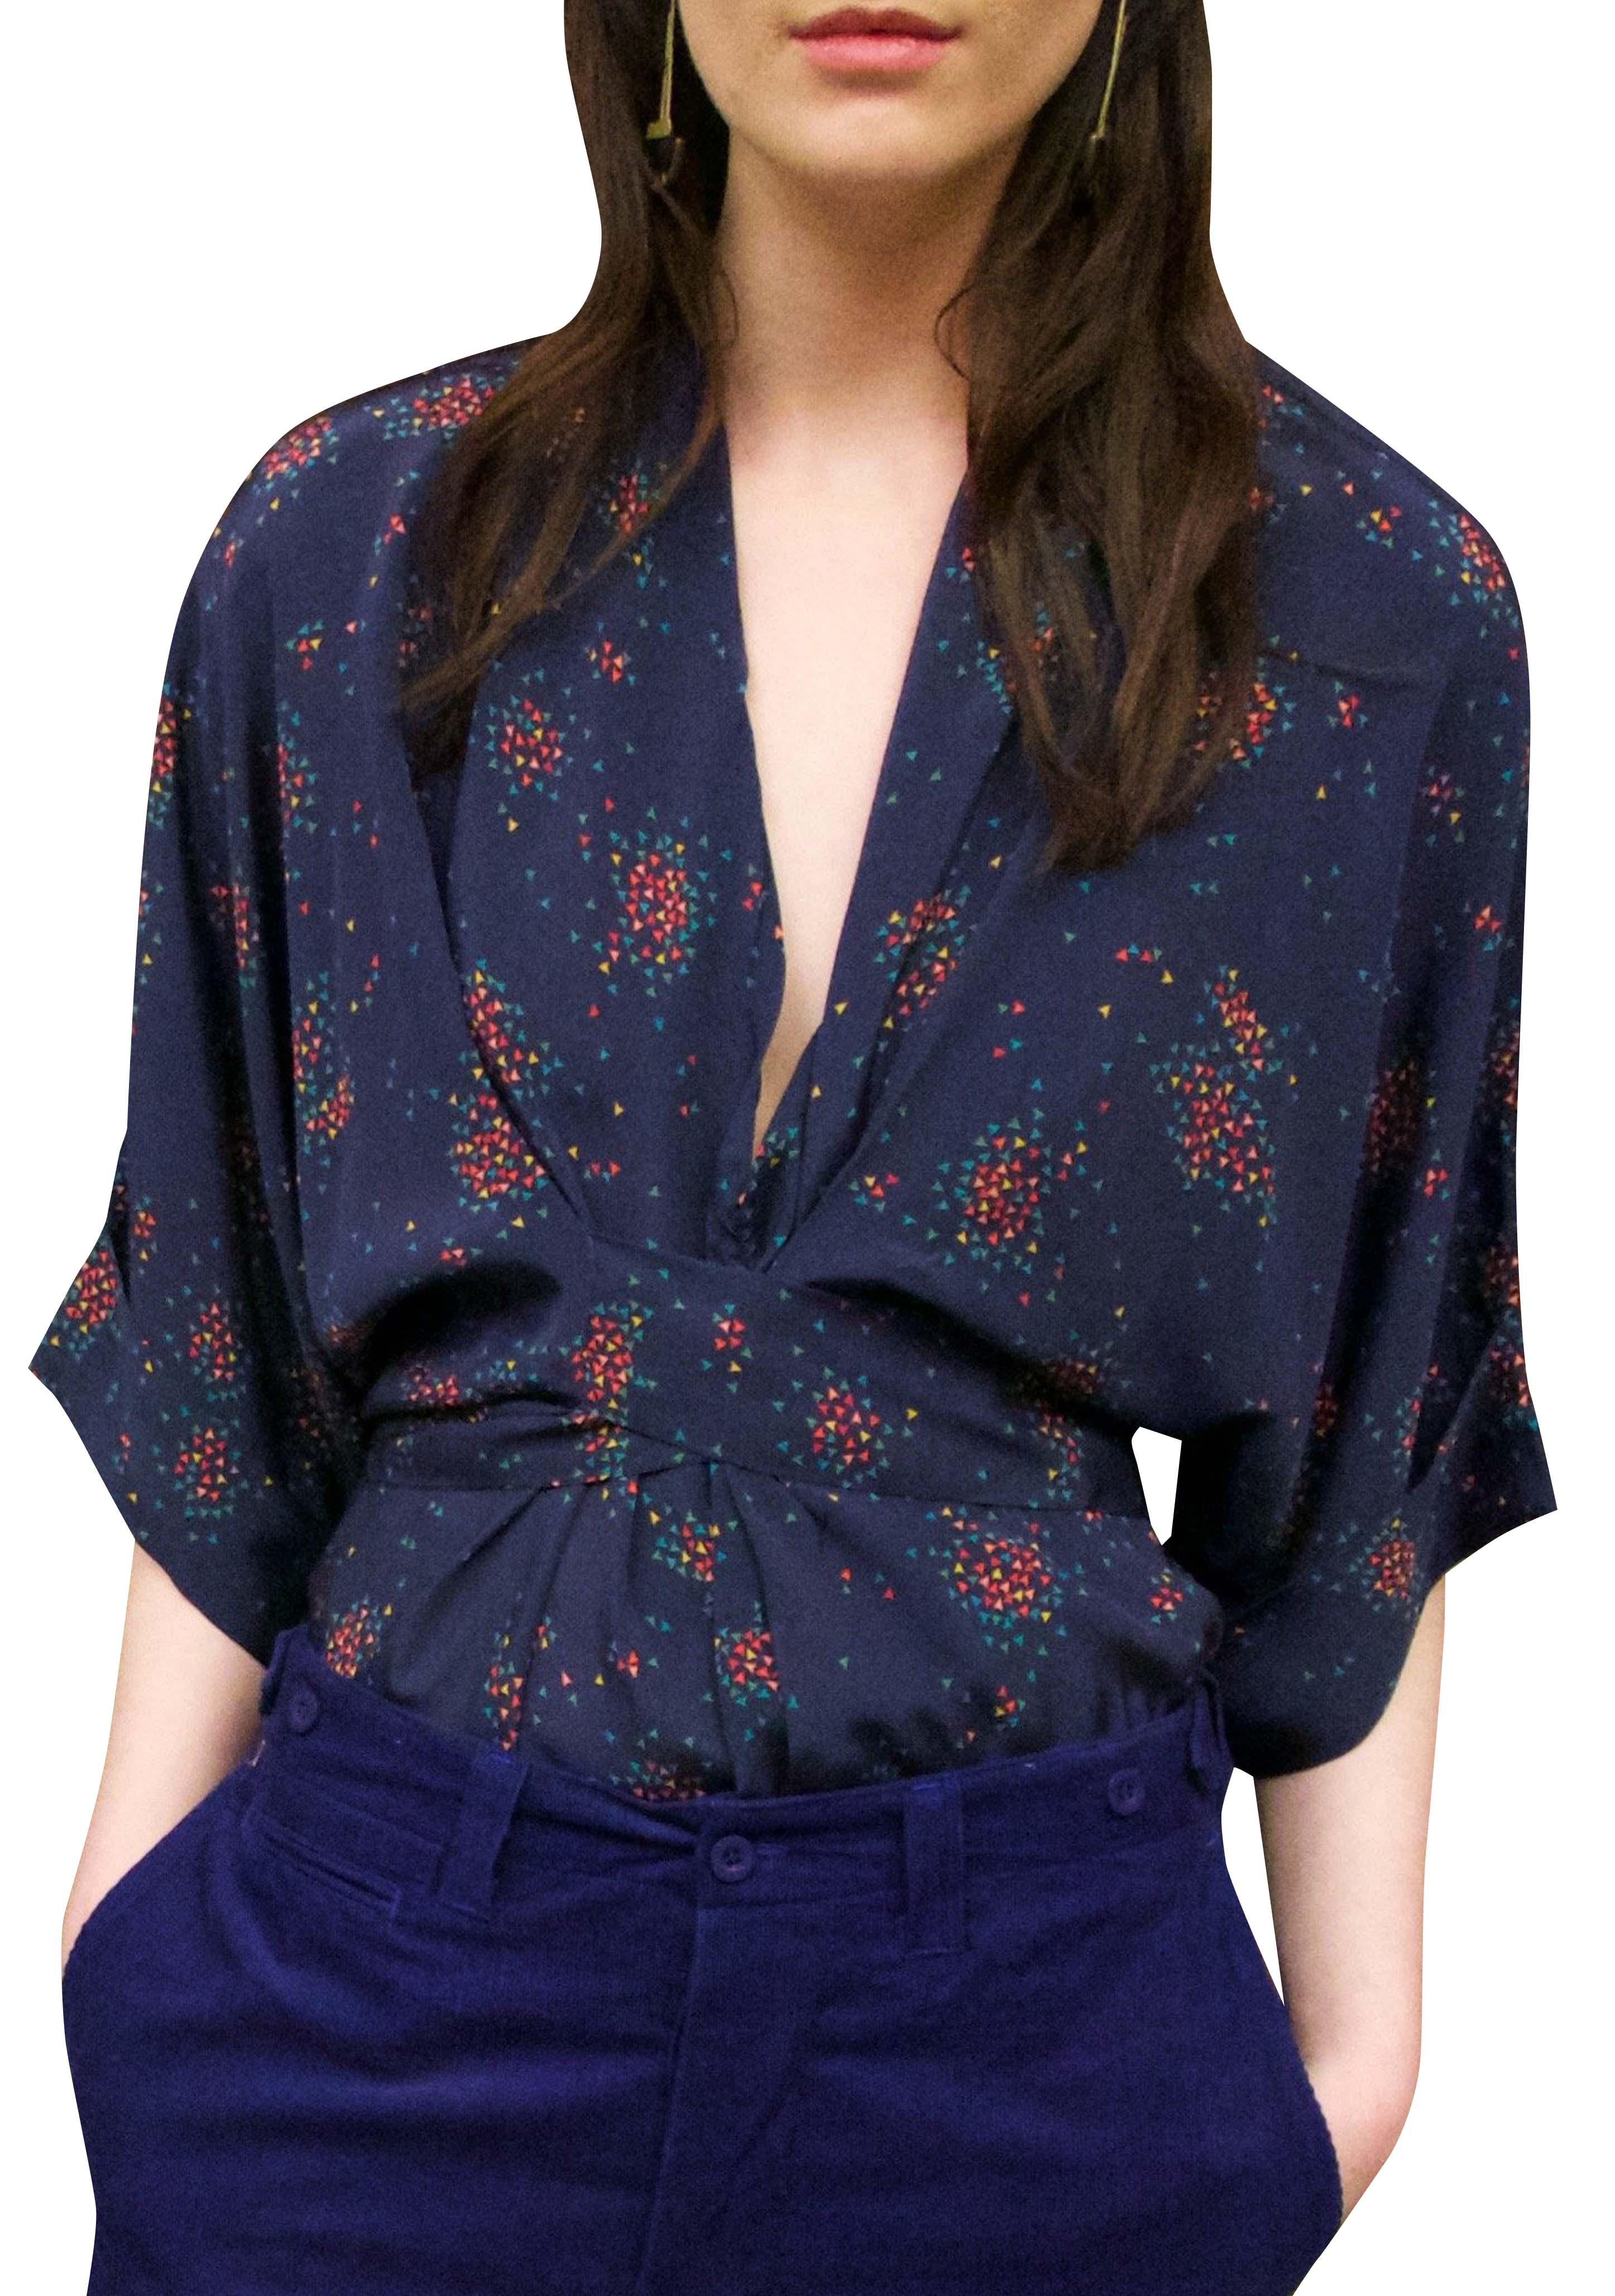 Gloria waisted blouse The Sky navy by Tallulah & Hope - 1